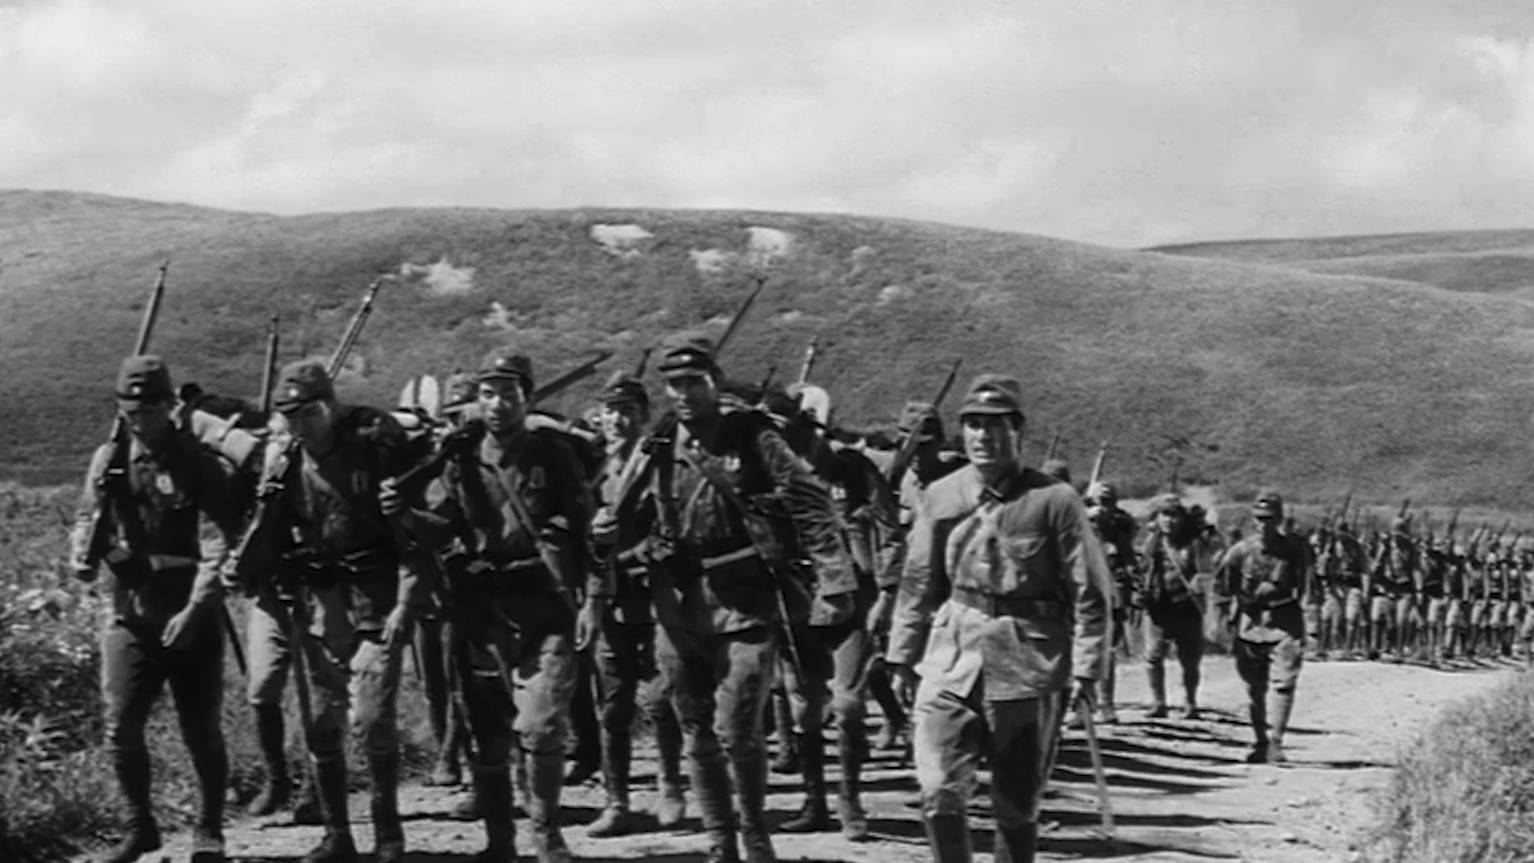 日本1959年拍的反战巨作,让你看到战争背后的残酷真相